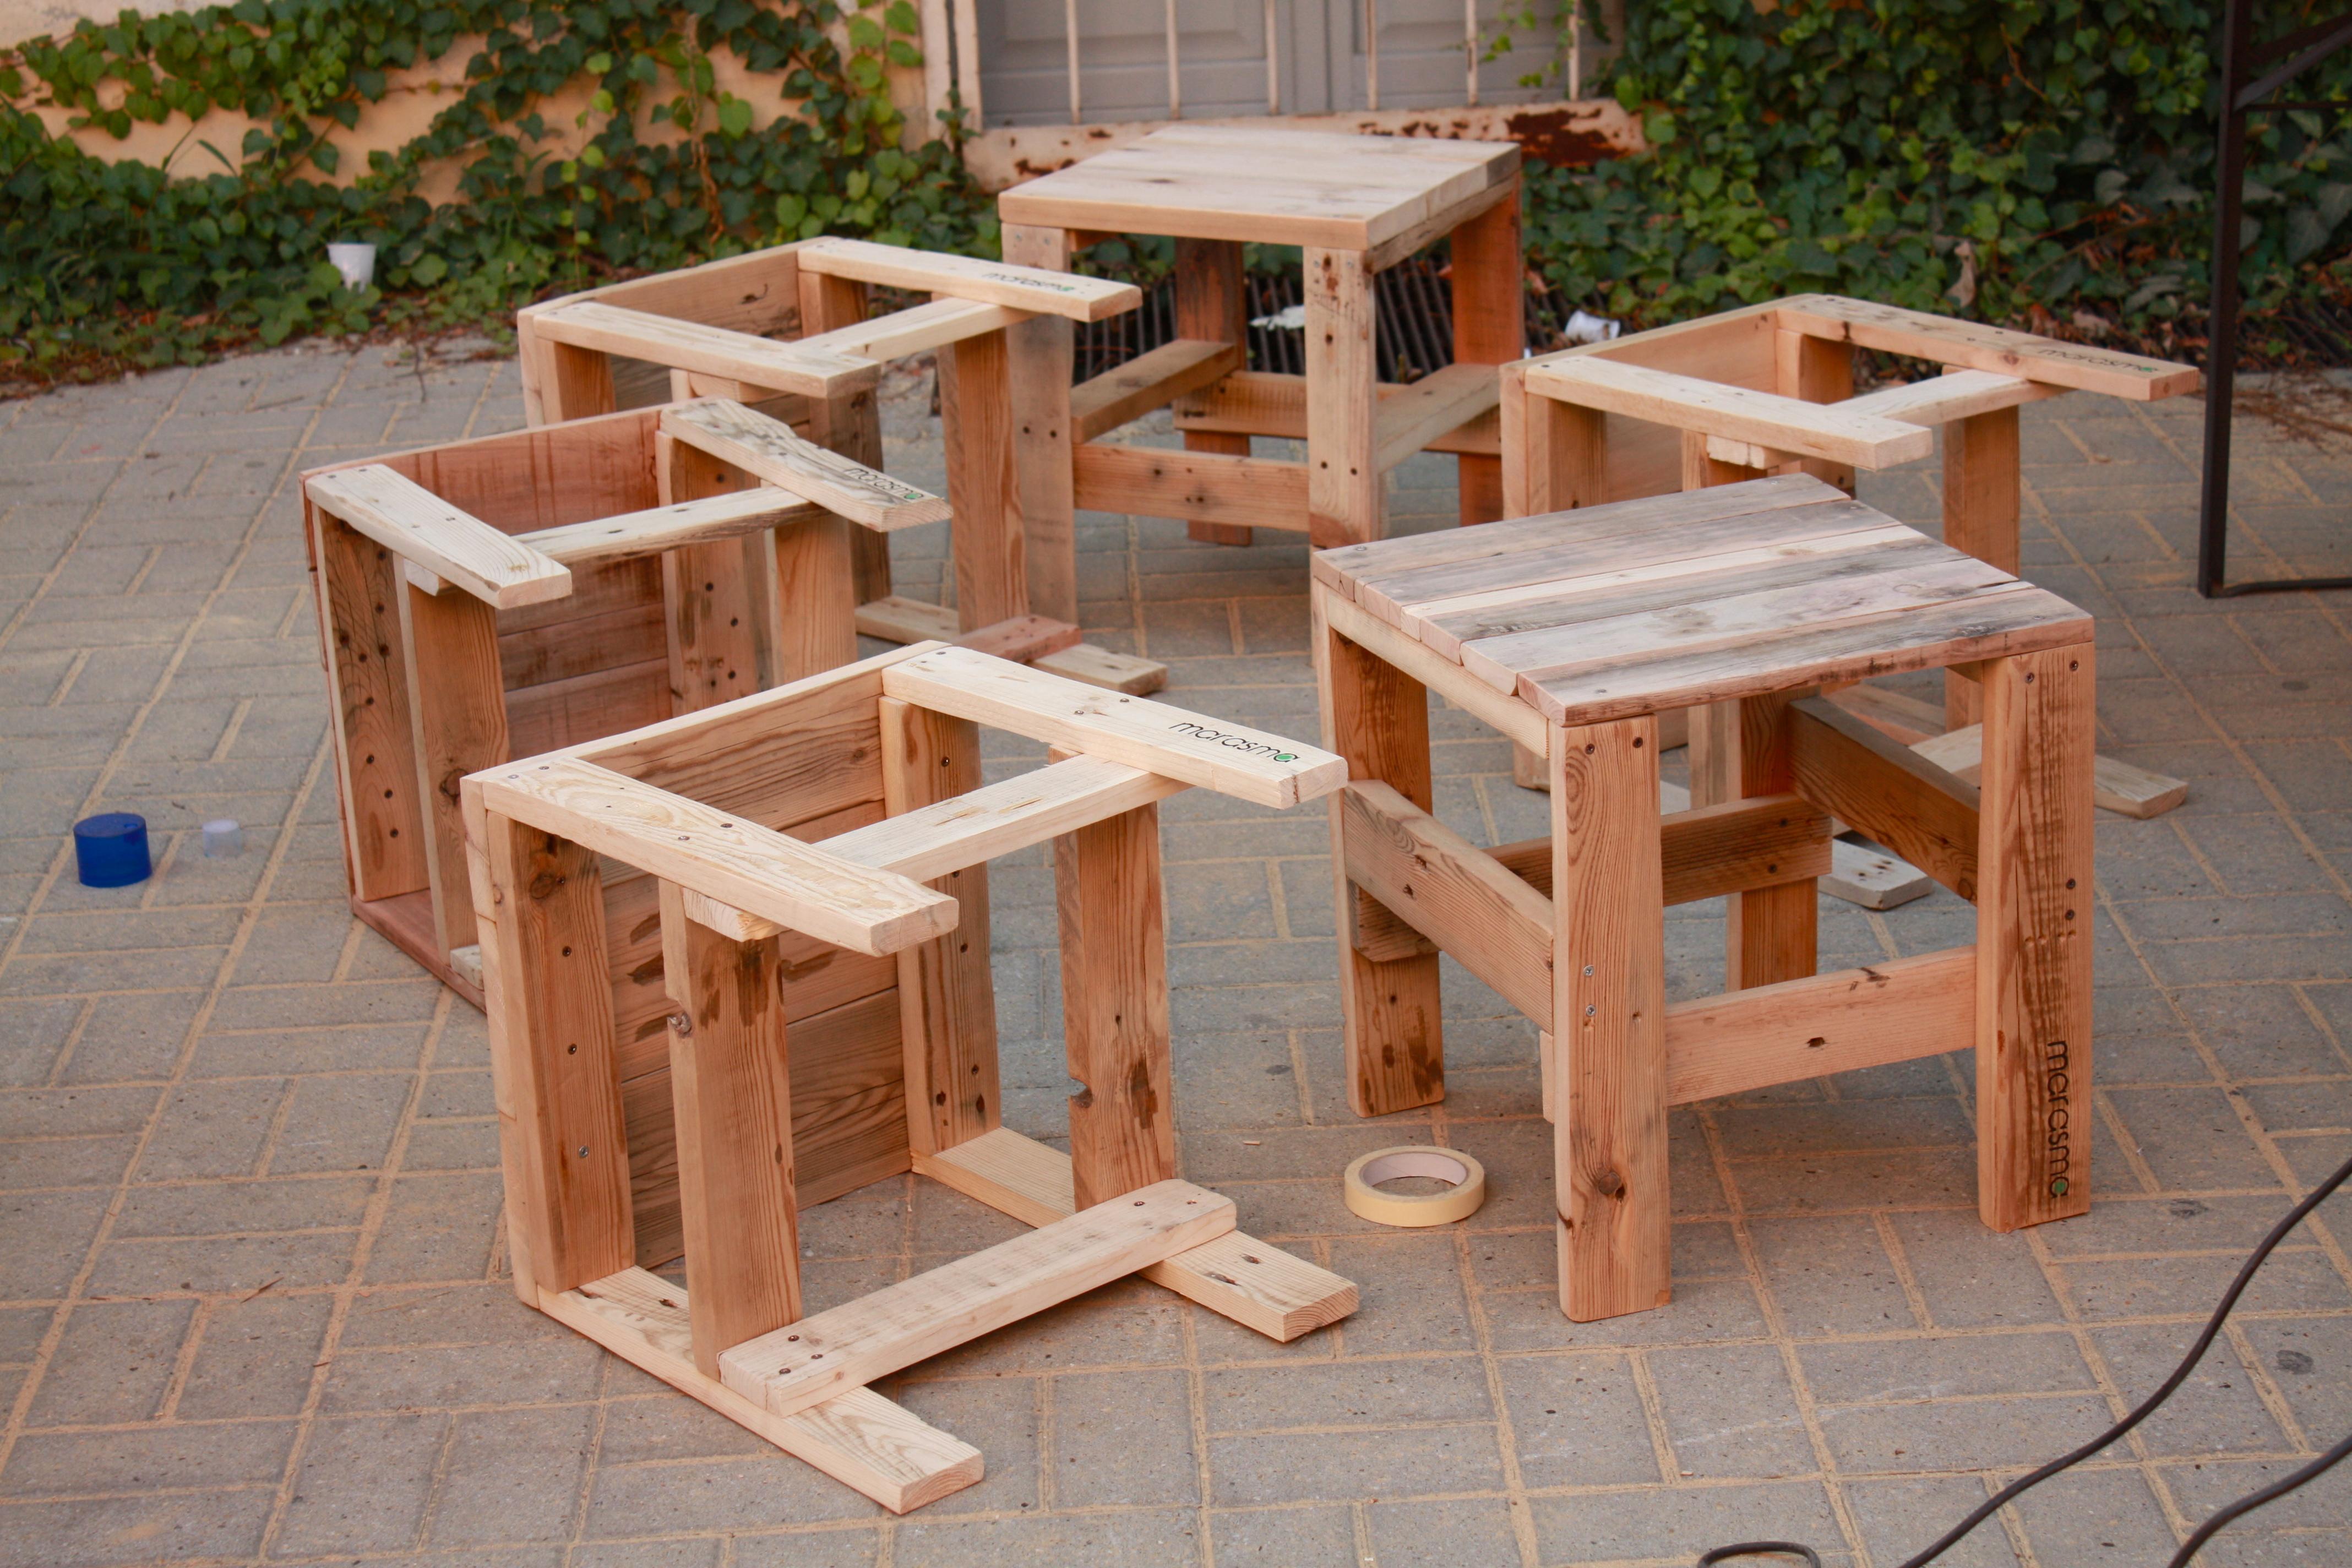 Snap awesome come costruire una sedia da giardino con i pallet